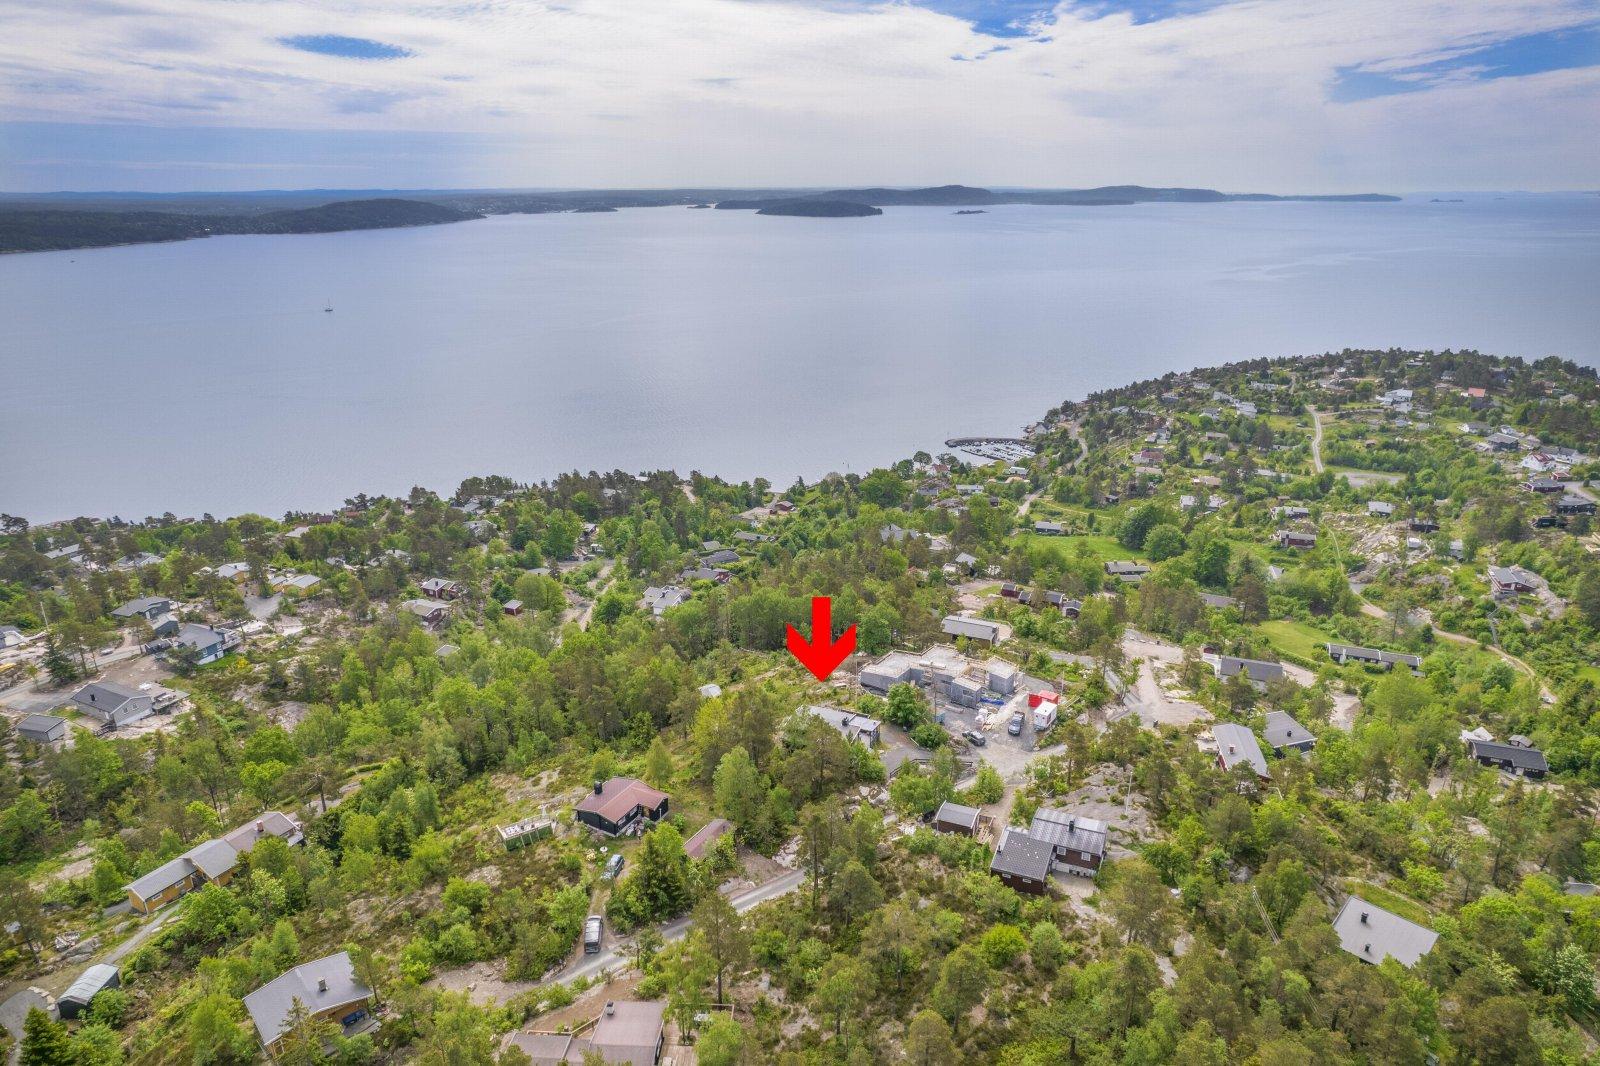 Oversiktsbilde som viser hyttas beliggenhet i forhold til fjorden